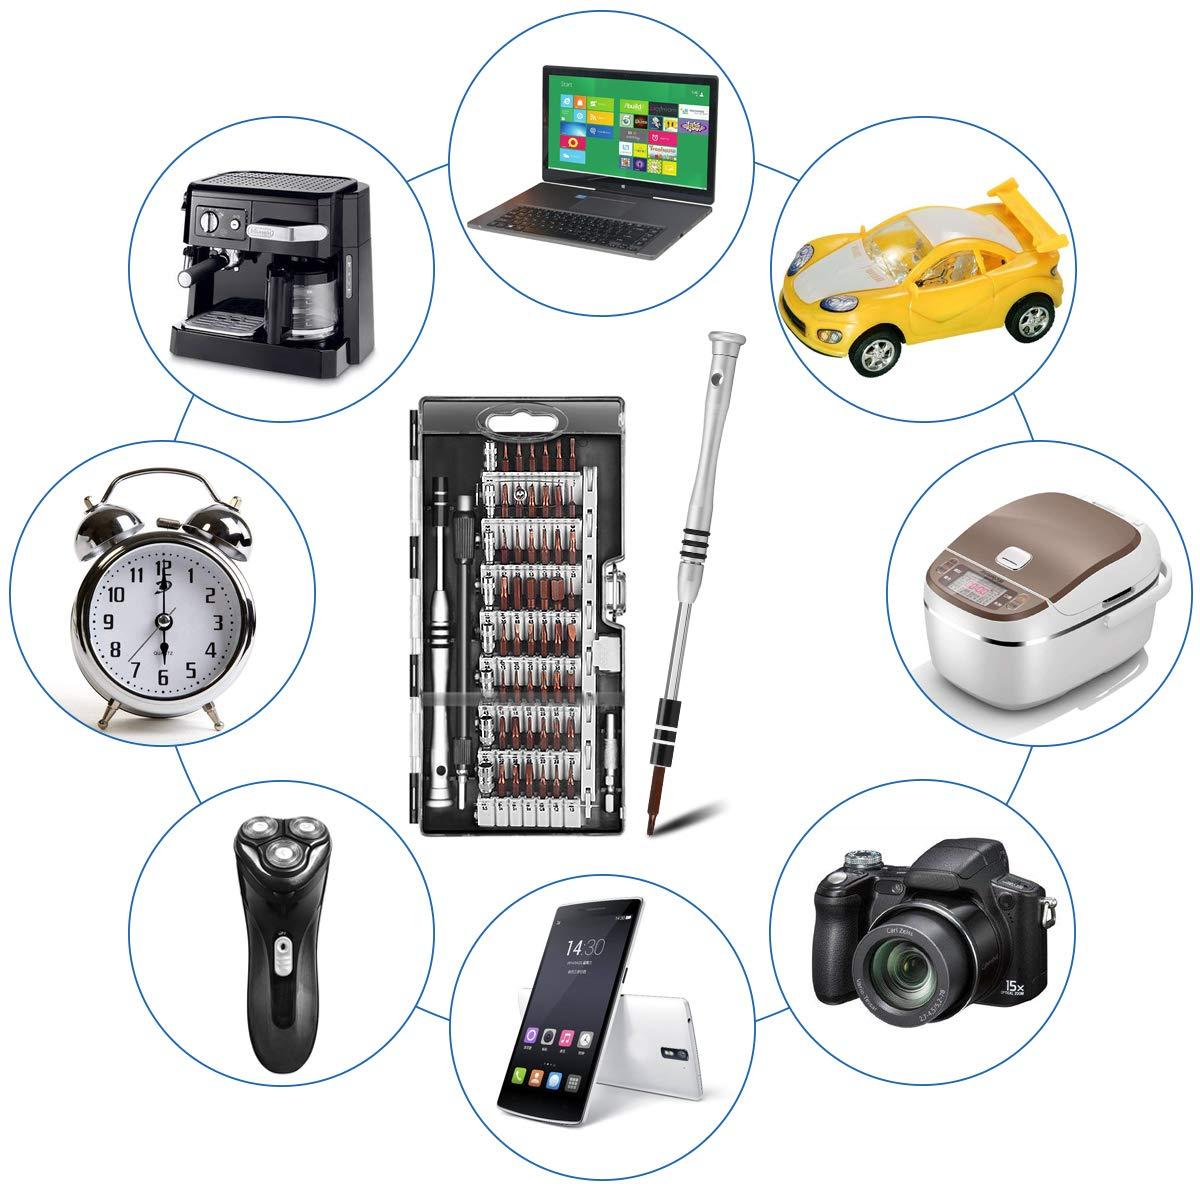 Professional Tool Kit mit Flexibler Welle f/ür Telefon//computer // Xbox//Kamera // PC//Macbook // Fahrrad Schraubendreher Set Schwarz TedGem 68 in 1 Magnetic Pr/äzisions Reparatur Werkzeug